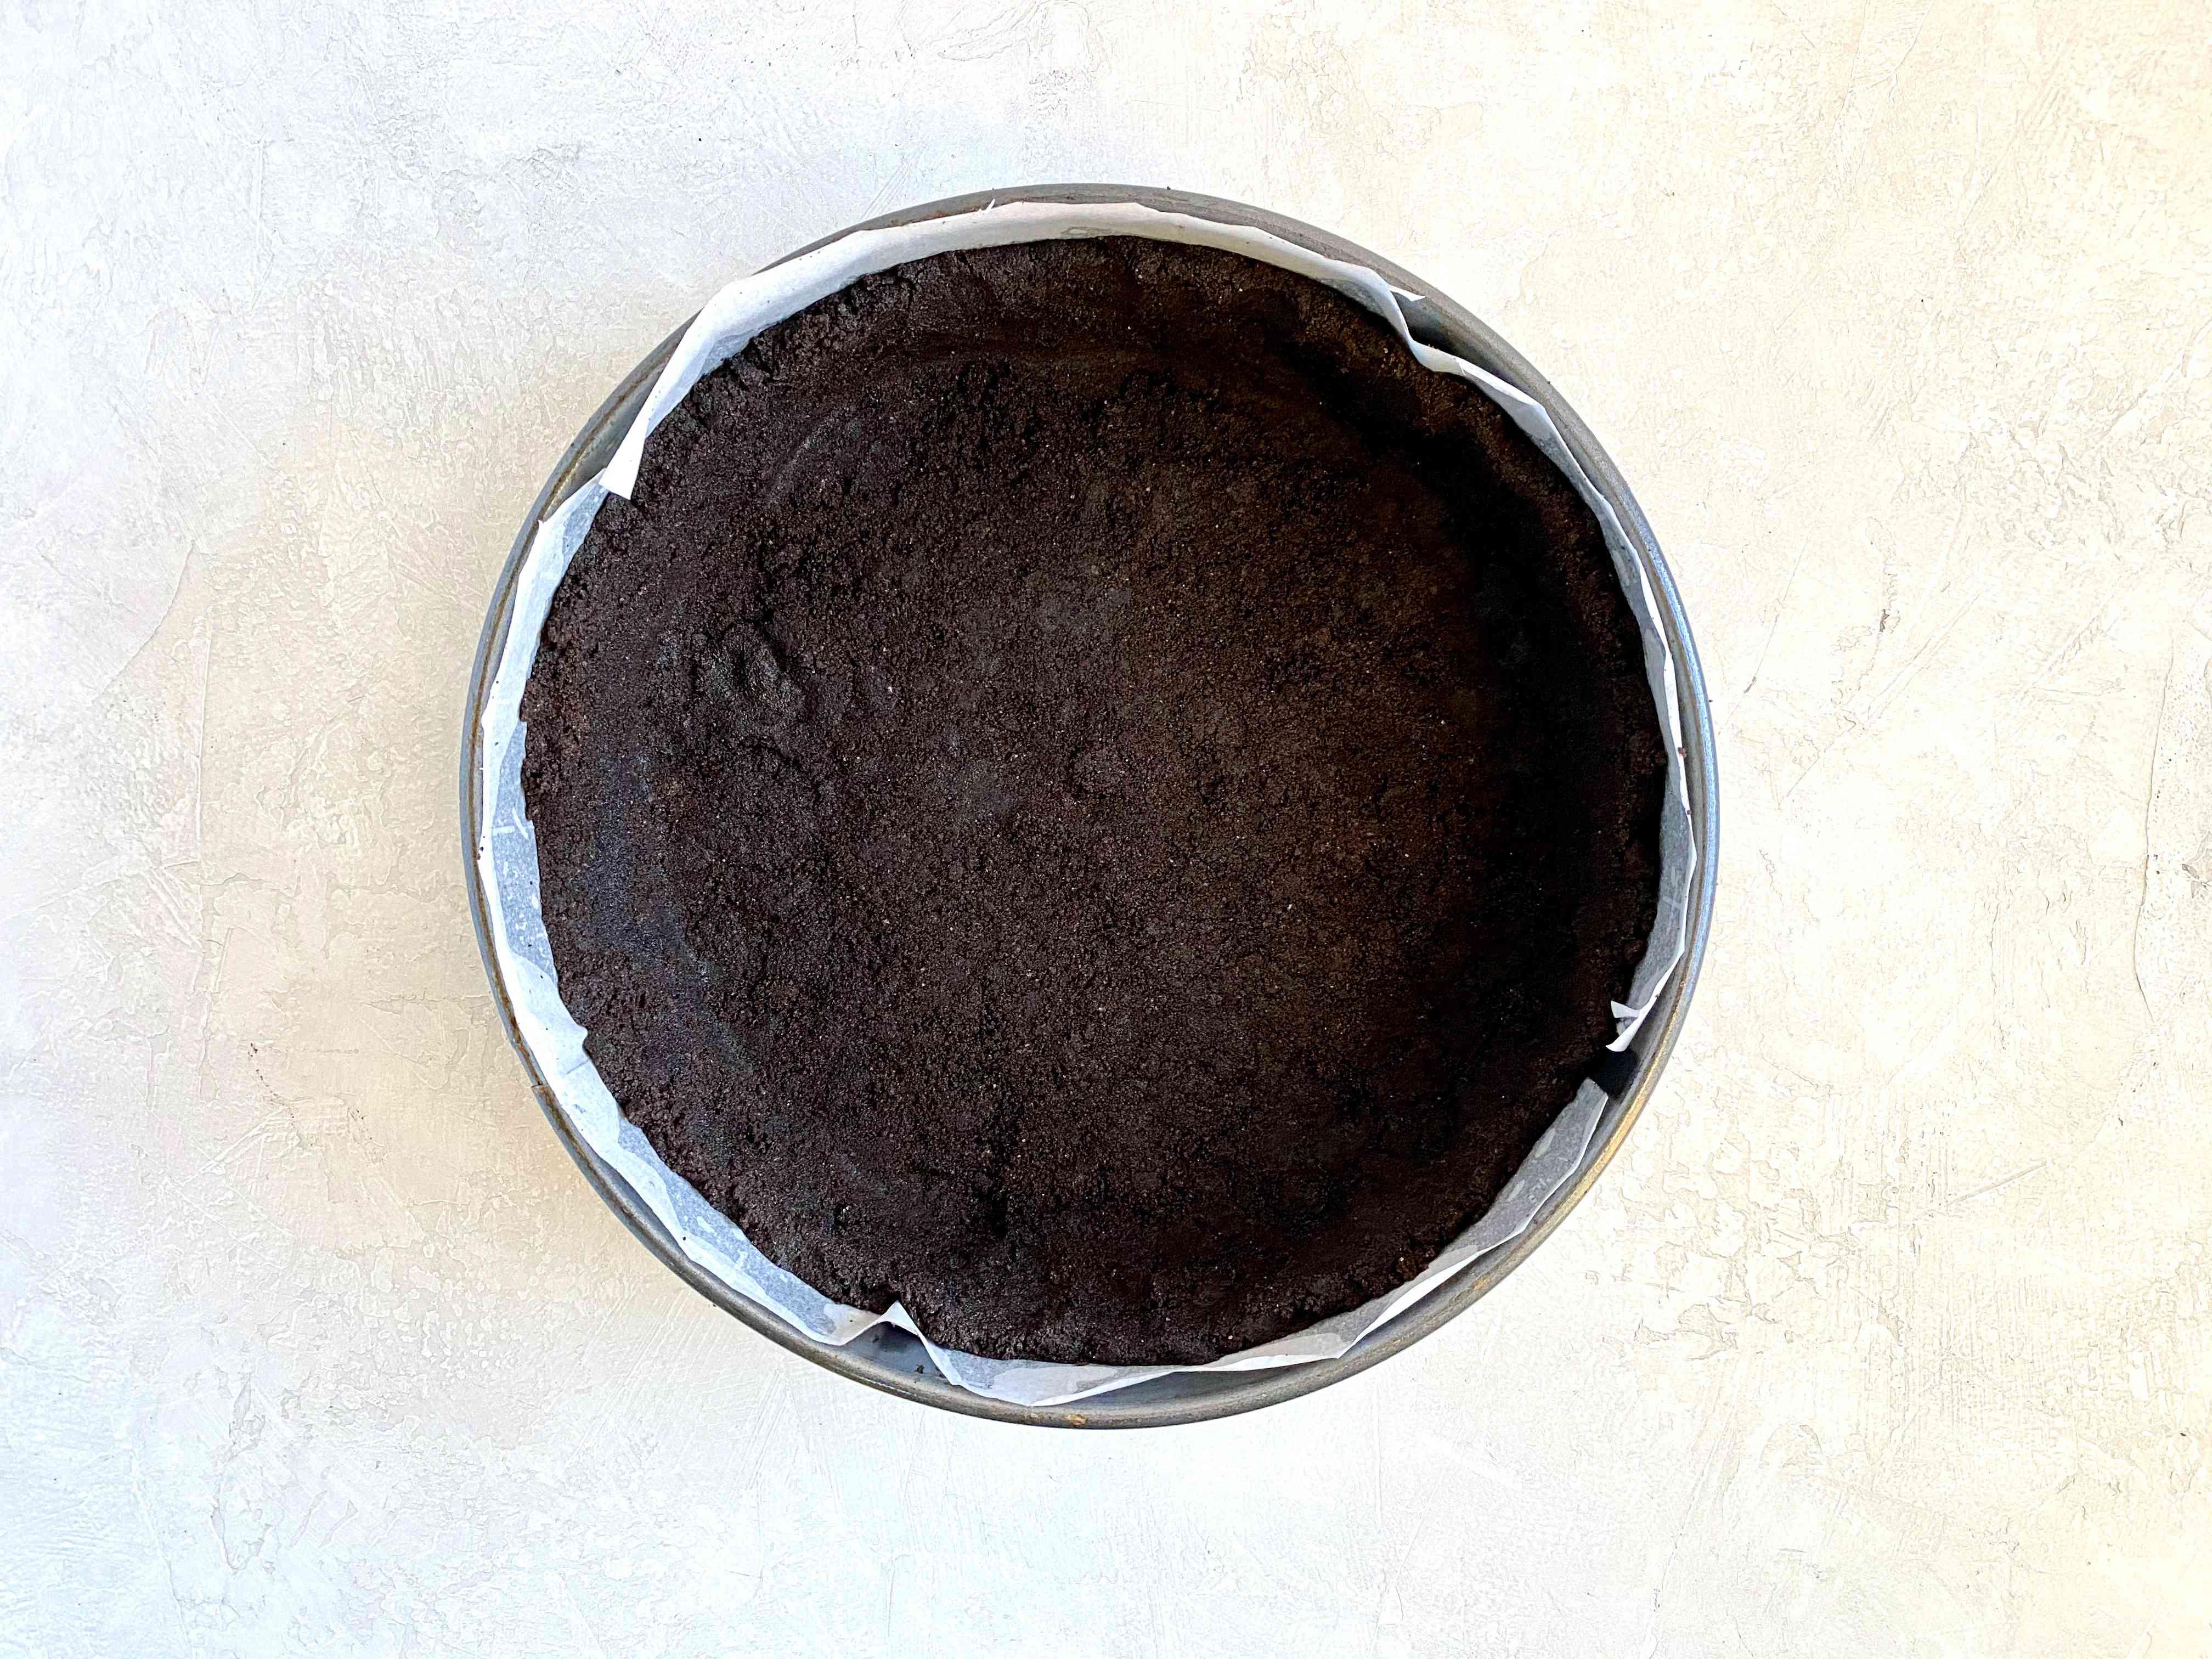 Oreo cookie crust in pan